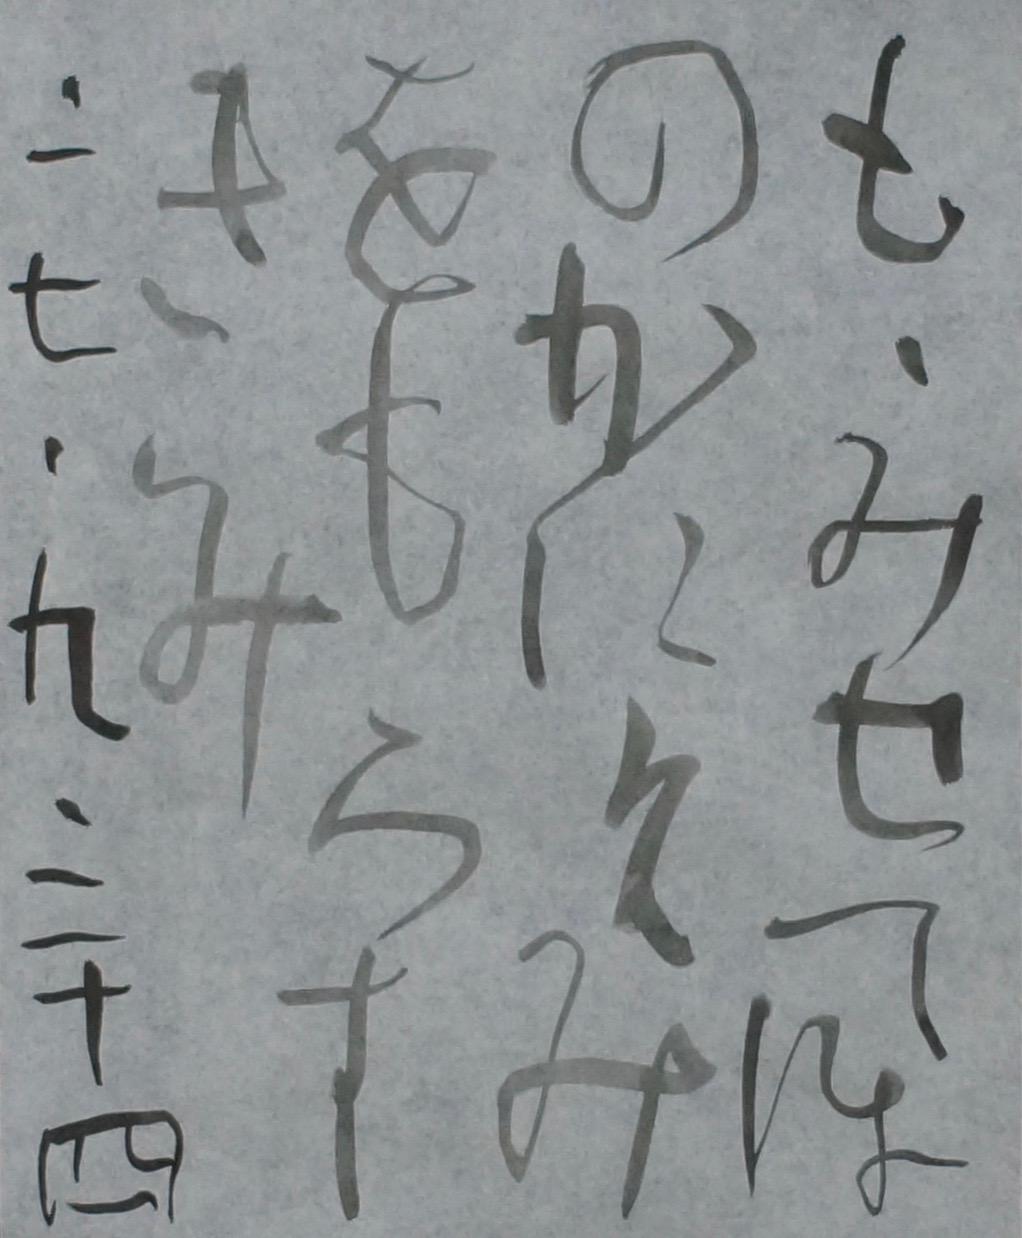 朝歌9月24日_c0169176_8233954.jpg